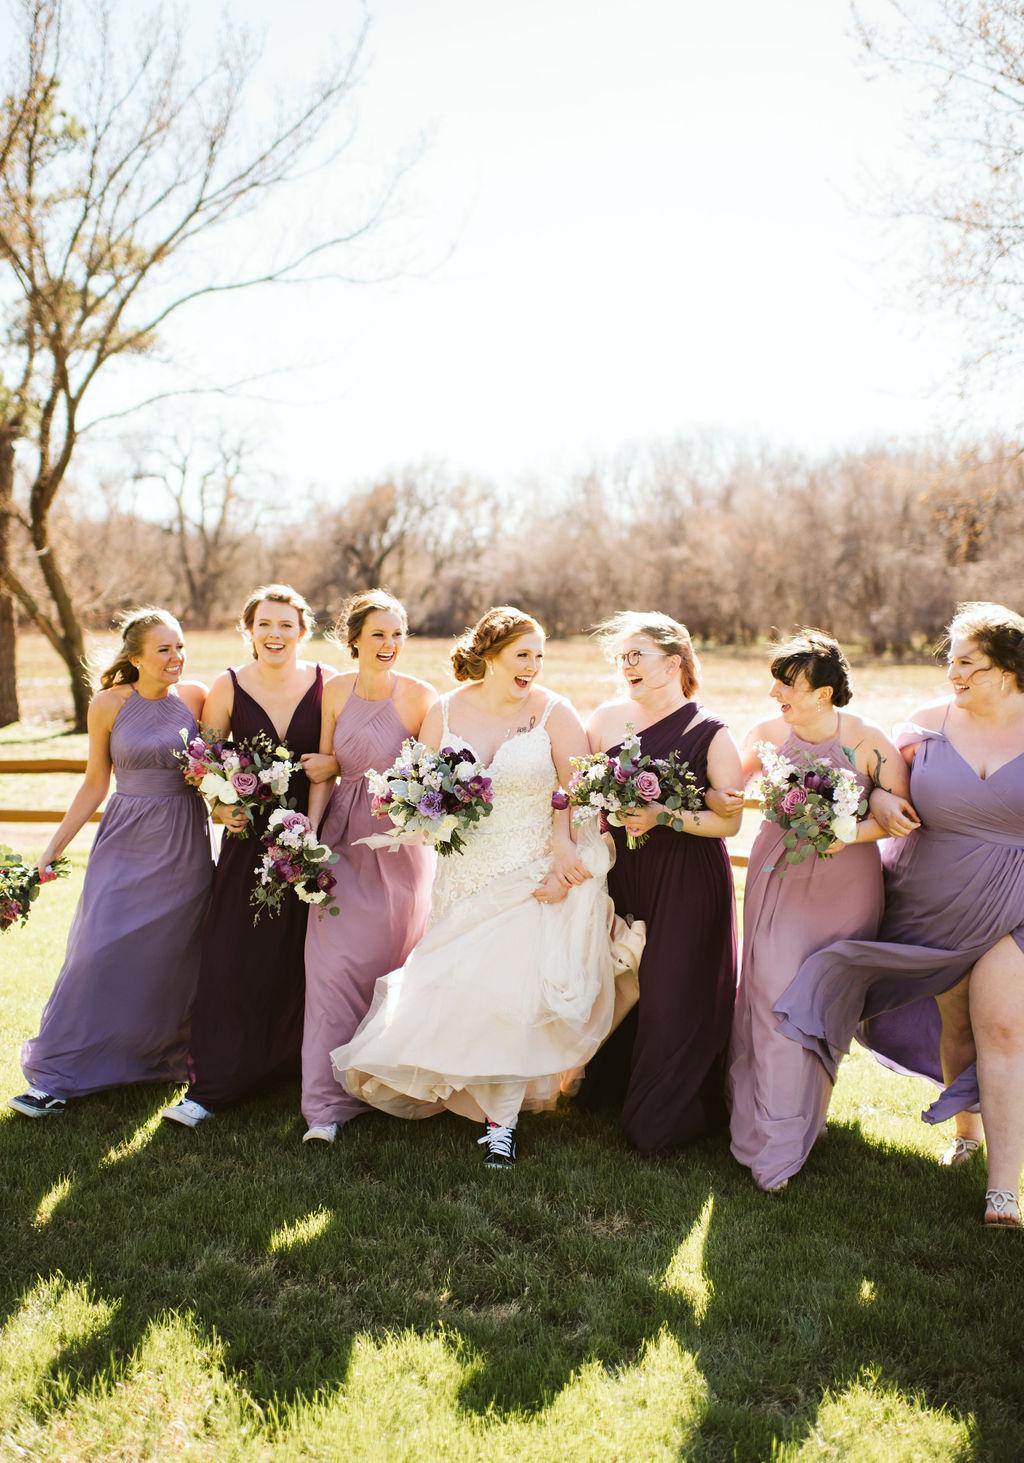 Taylor-Jose-Wedding-329.jpg